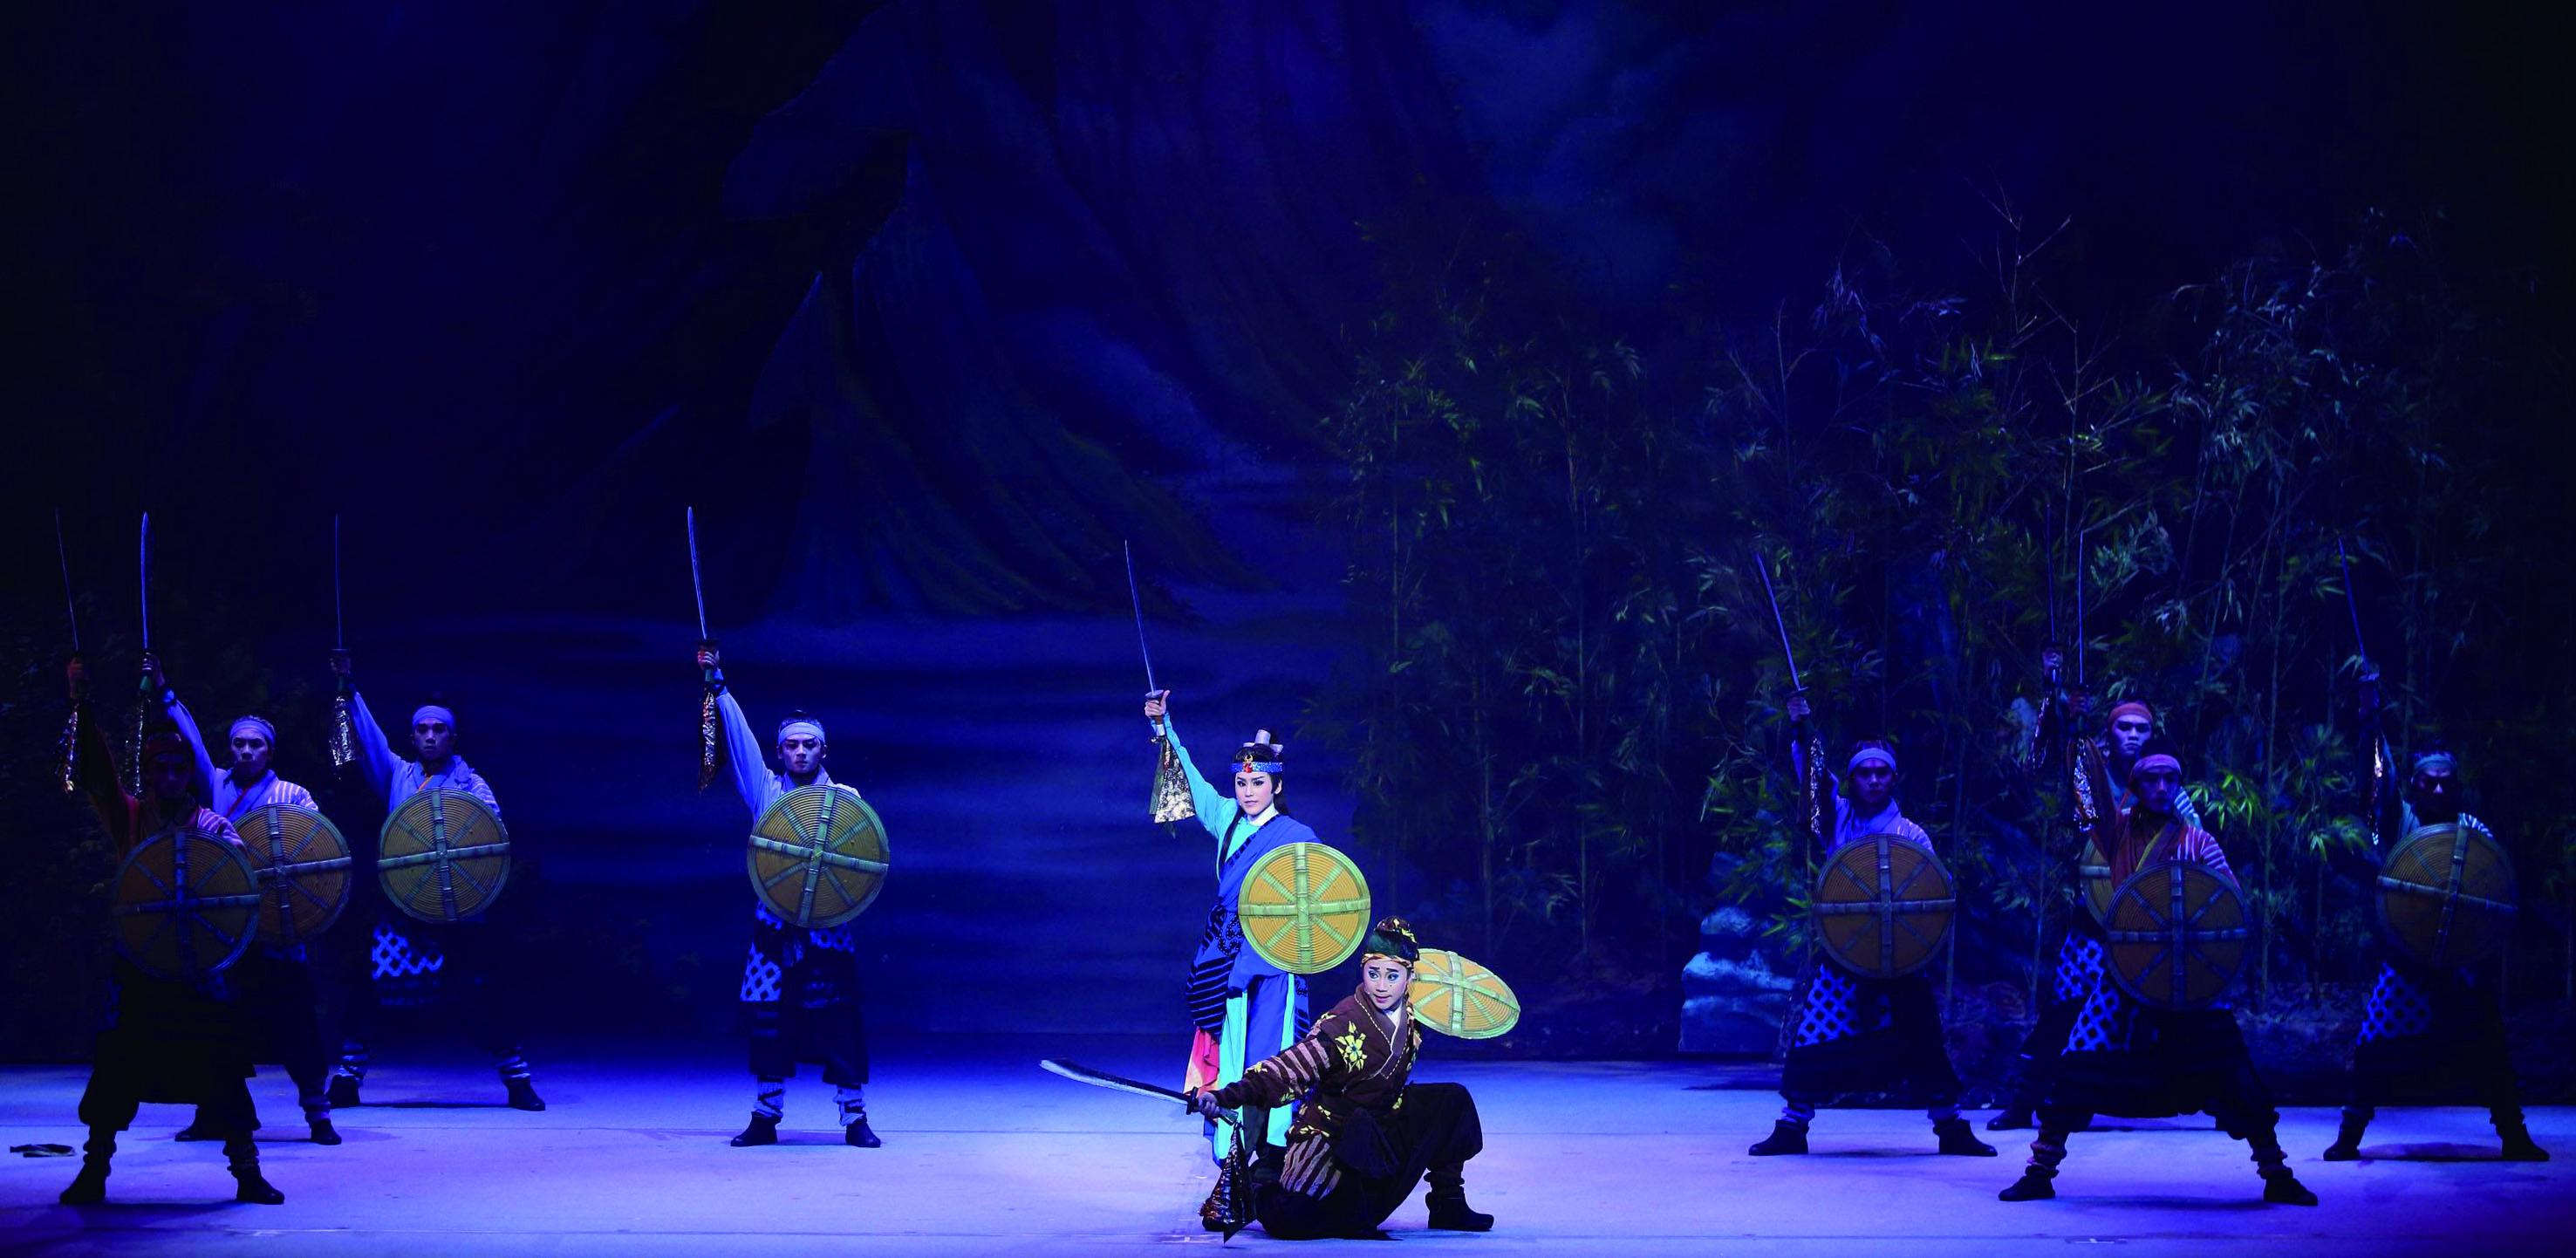 2019 年由明華園戲劇總團帶來《龍城爭霸》,展現臺灣當代傳統戲曲代表性團隊的深厚實力與旺盛創造力。.jpg